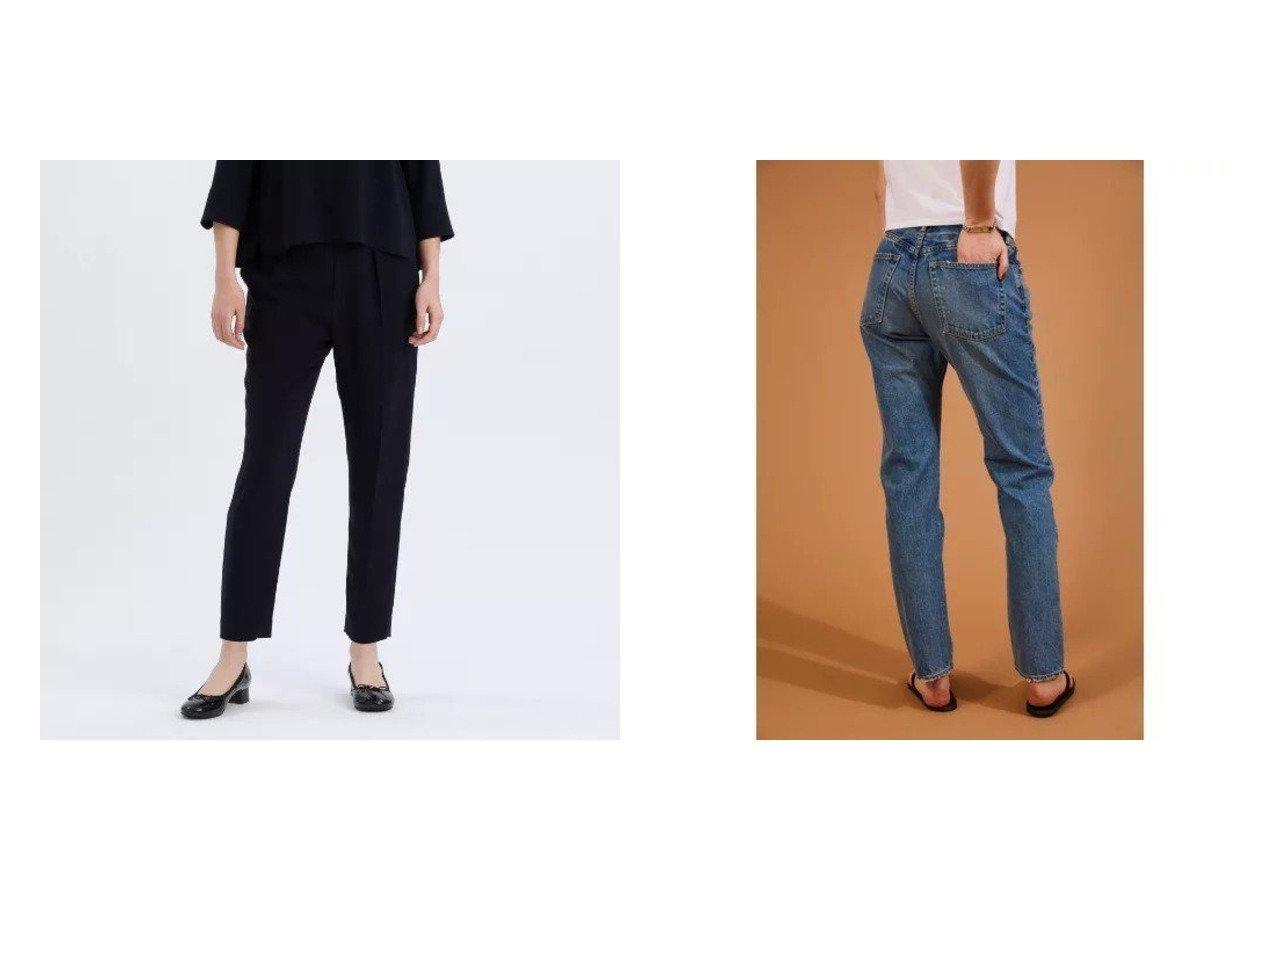 【Shinzone/シンゾーン】のジェネラルジーンズ&【MACKINTOSH PHILOSOPHY/マッキントッシュ フィロソフィー】のトリアセジョーゼットパンツ パンツのおすすめ!人気、トレンド・レディースファッションの通販  おすすめで人気の流行・トレンド、ファッションの通販商品 メンズファッション・キッズファッション・インテリア・家具・レディースファッション・服の通販 founy(ファニー) https://founy.com/ ファッション Fashion レディースファッション WOMEN パンツ Pants ハンド ポケット スマート デニム フォルム レギュラー |ID:crp329100000018857